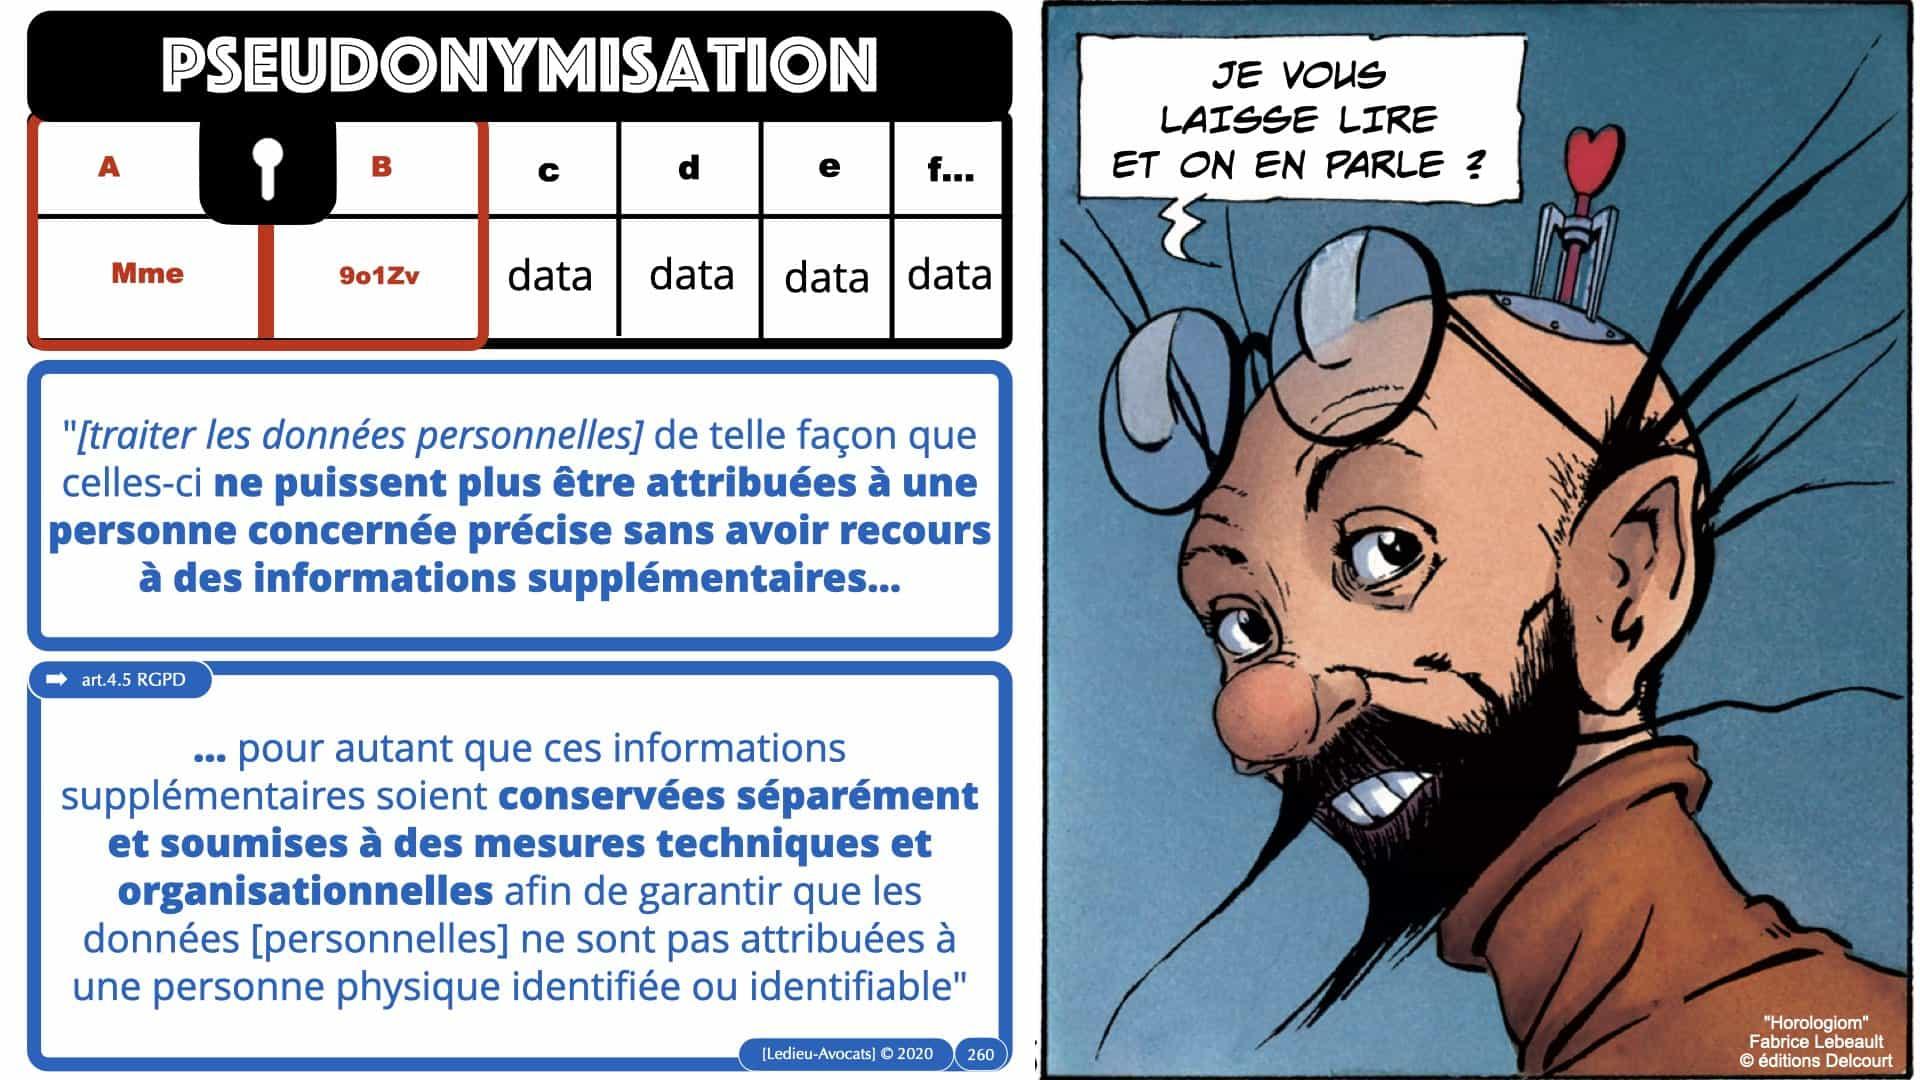 RGPD e-Privacy données personnelles jurisprudence formation Lamy Les Echos 10-02-2021 ©Ledieu-Avocats.260